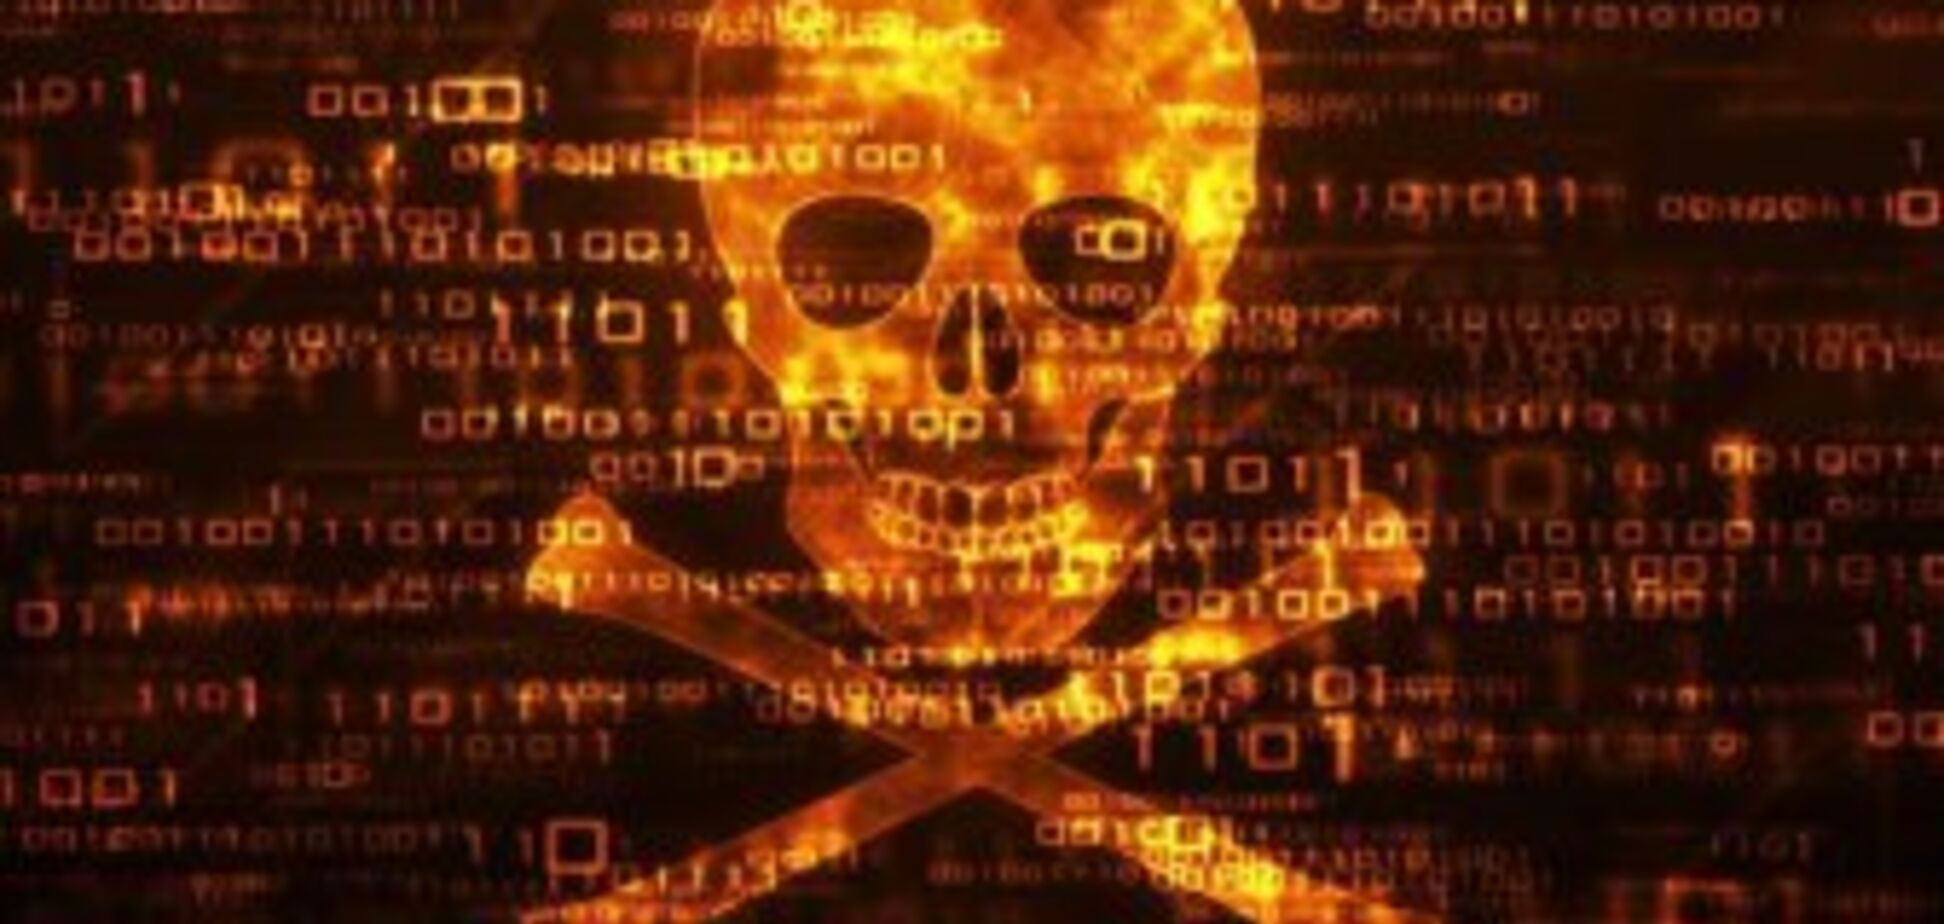 В Windows обнаружили опасную уязвимость: в чем проблема